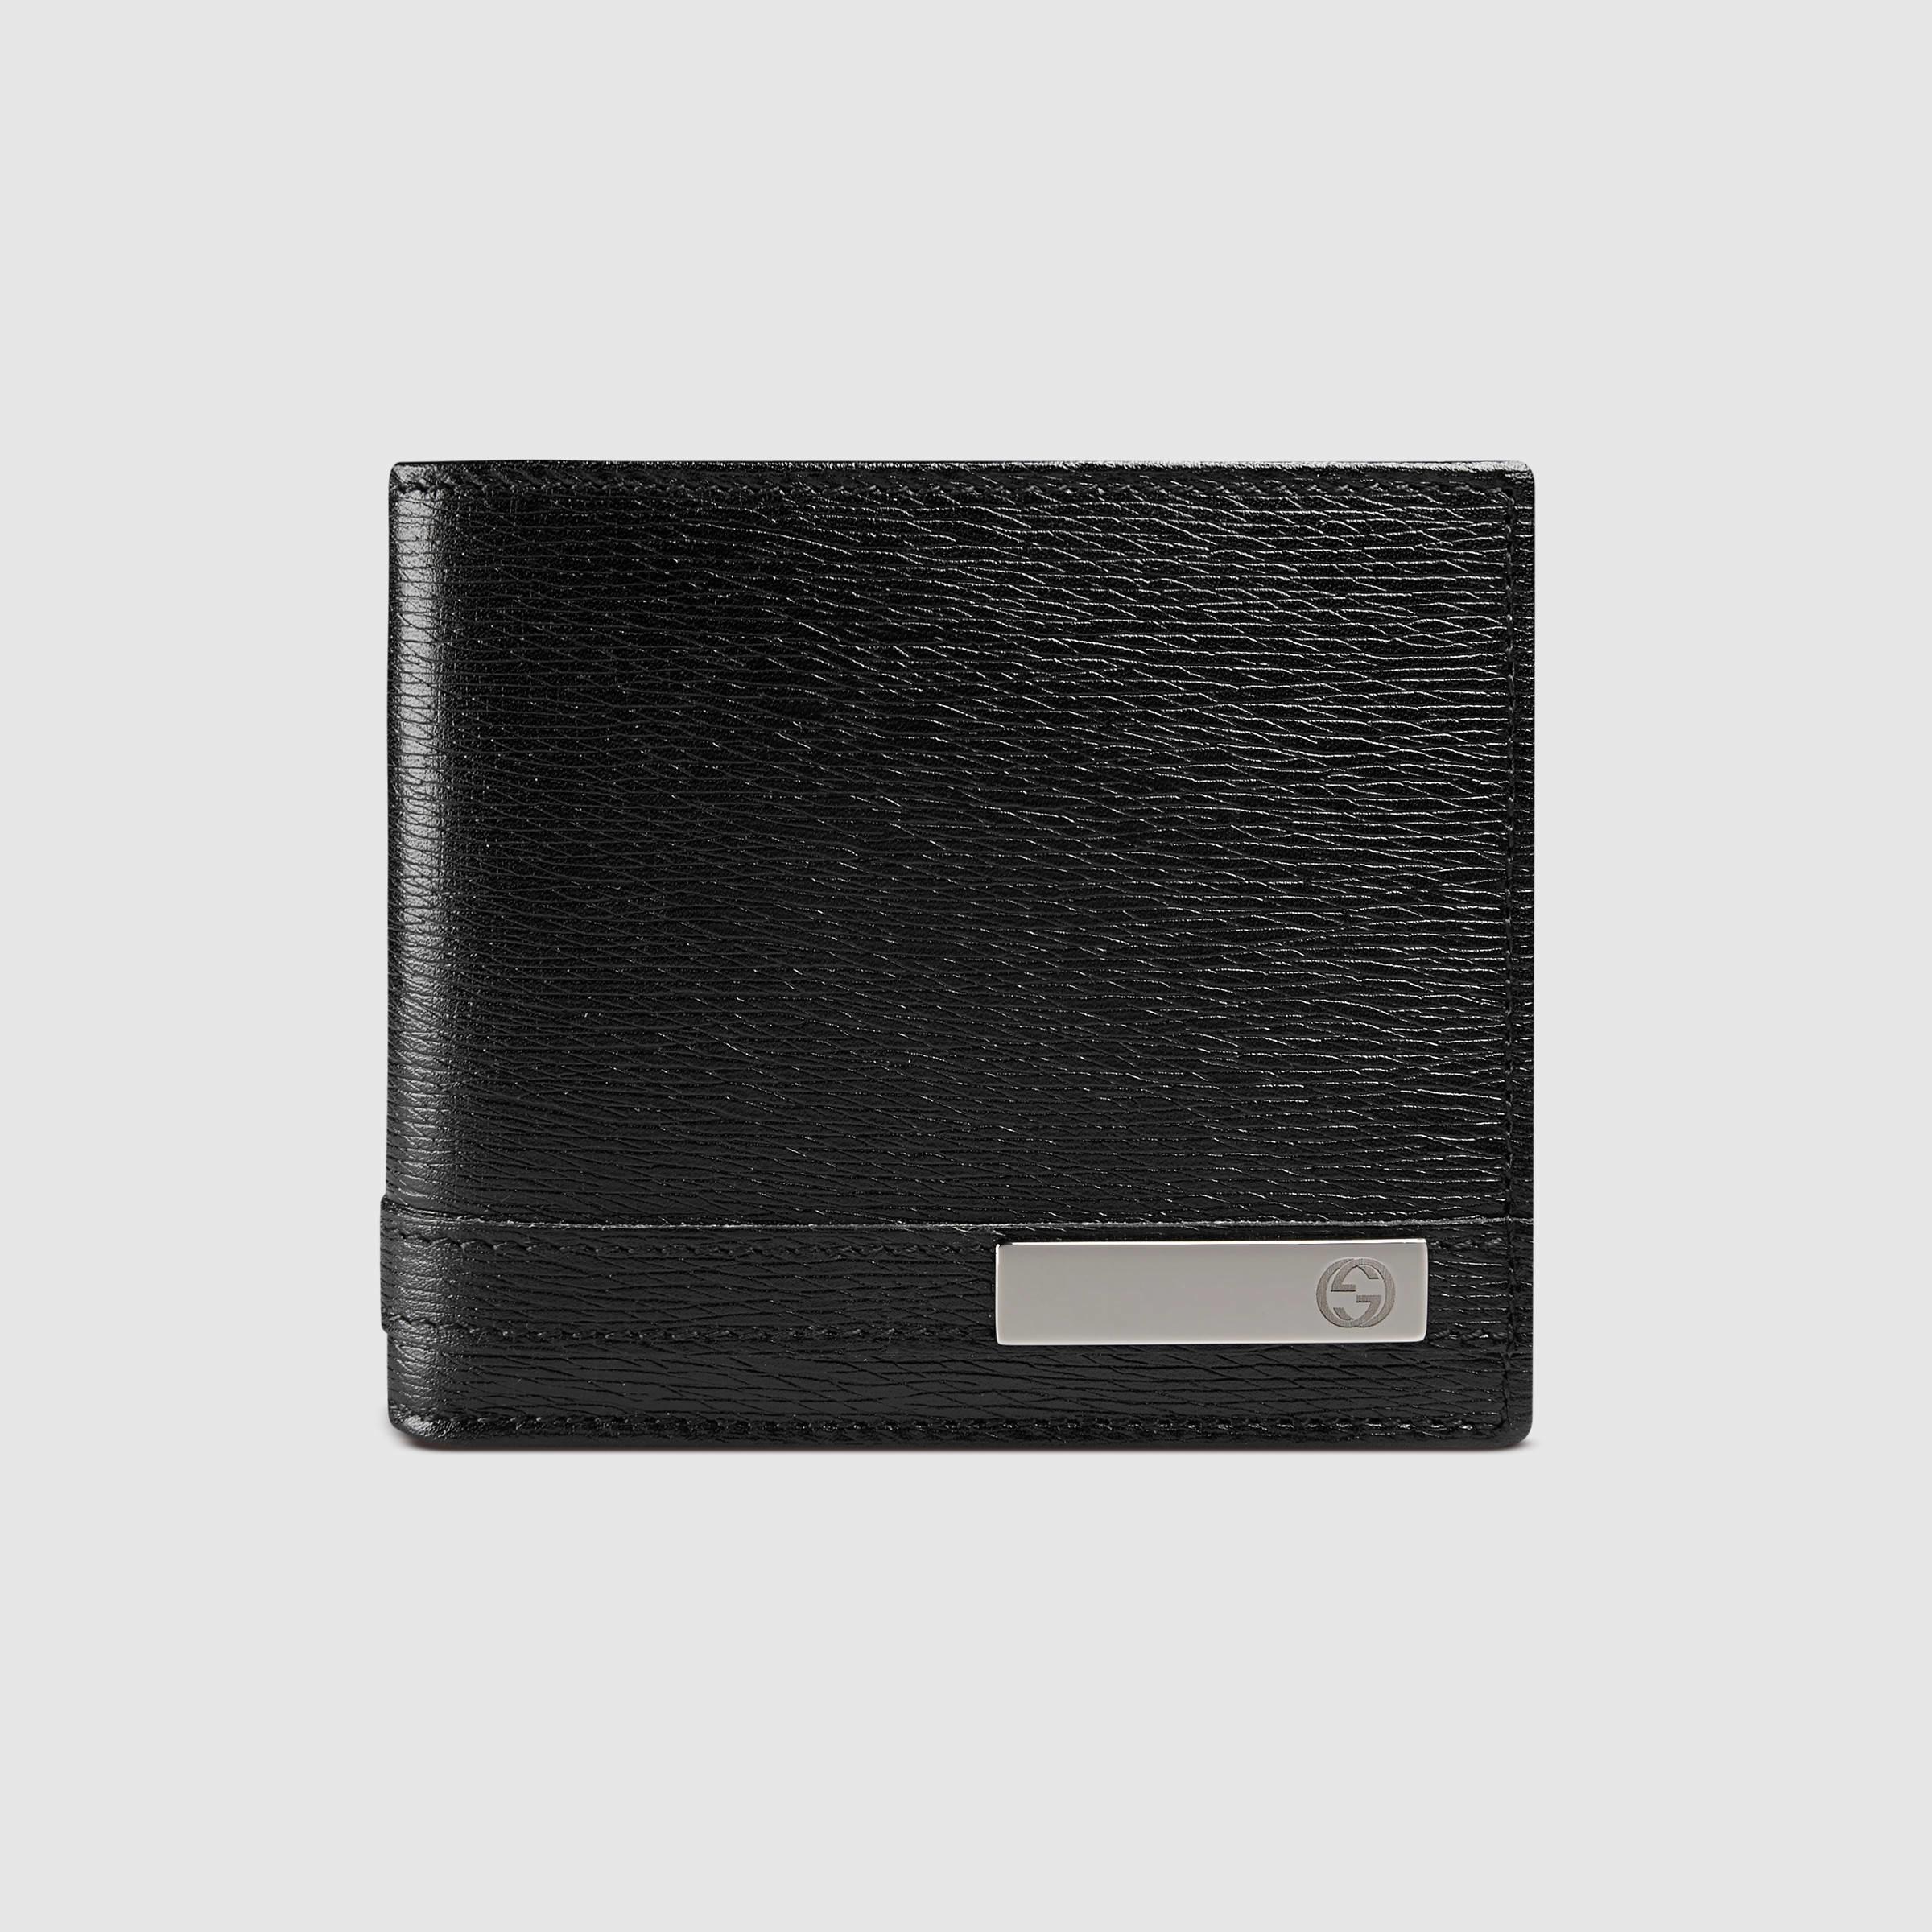 7fcdfe1860af Gucci Leather Wallet in Black for Men - Lyst